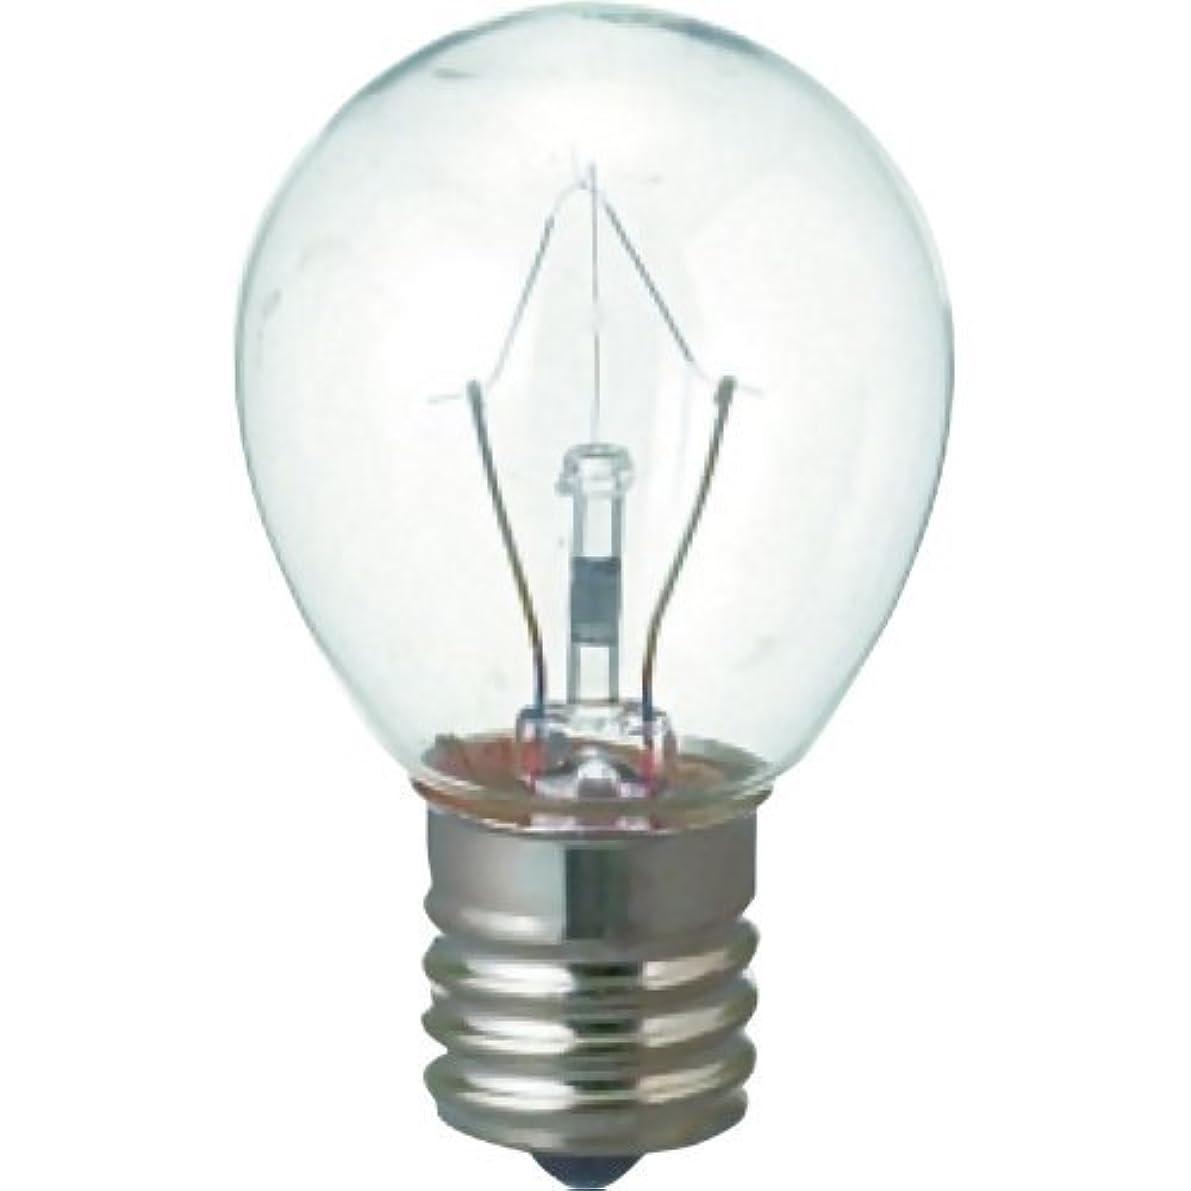 算術ノベルティアームストロングアロマランプ電球 100V25W